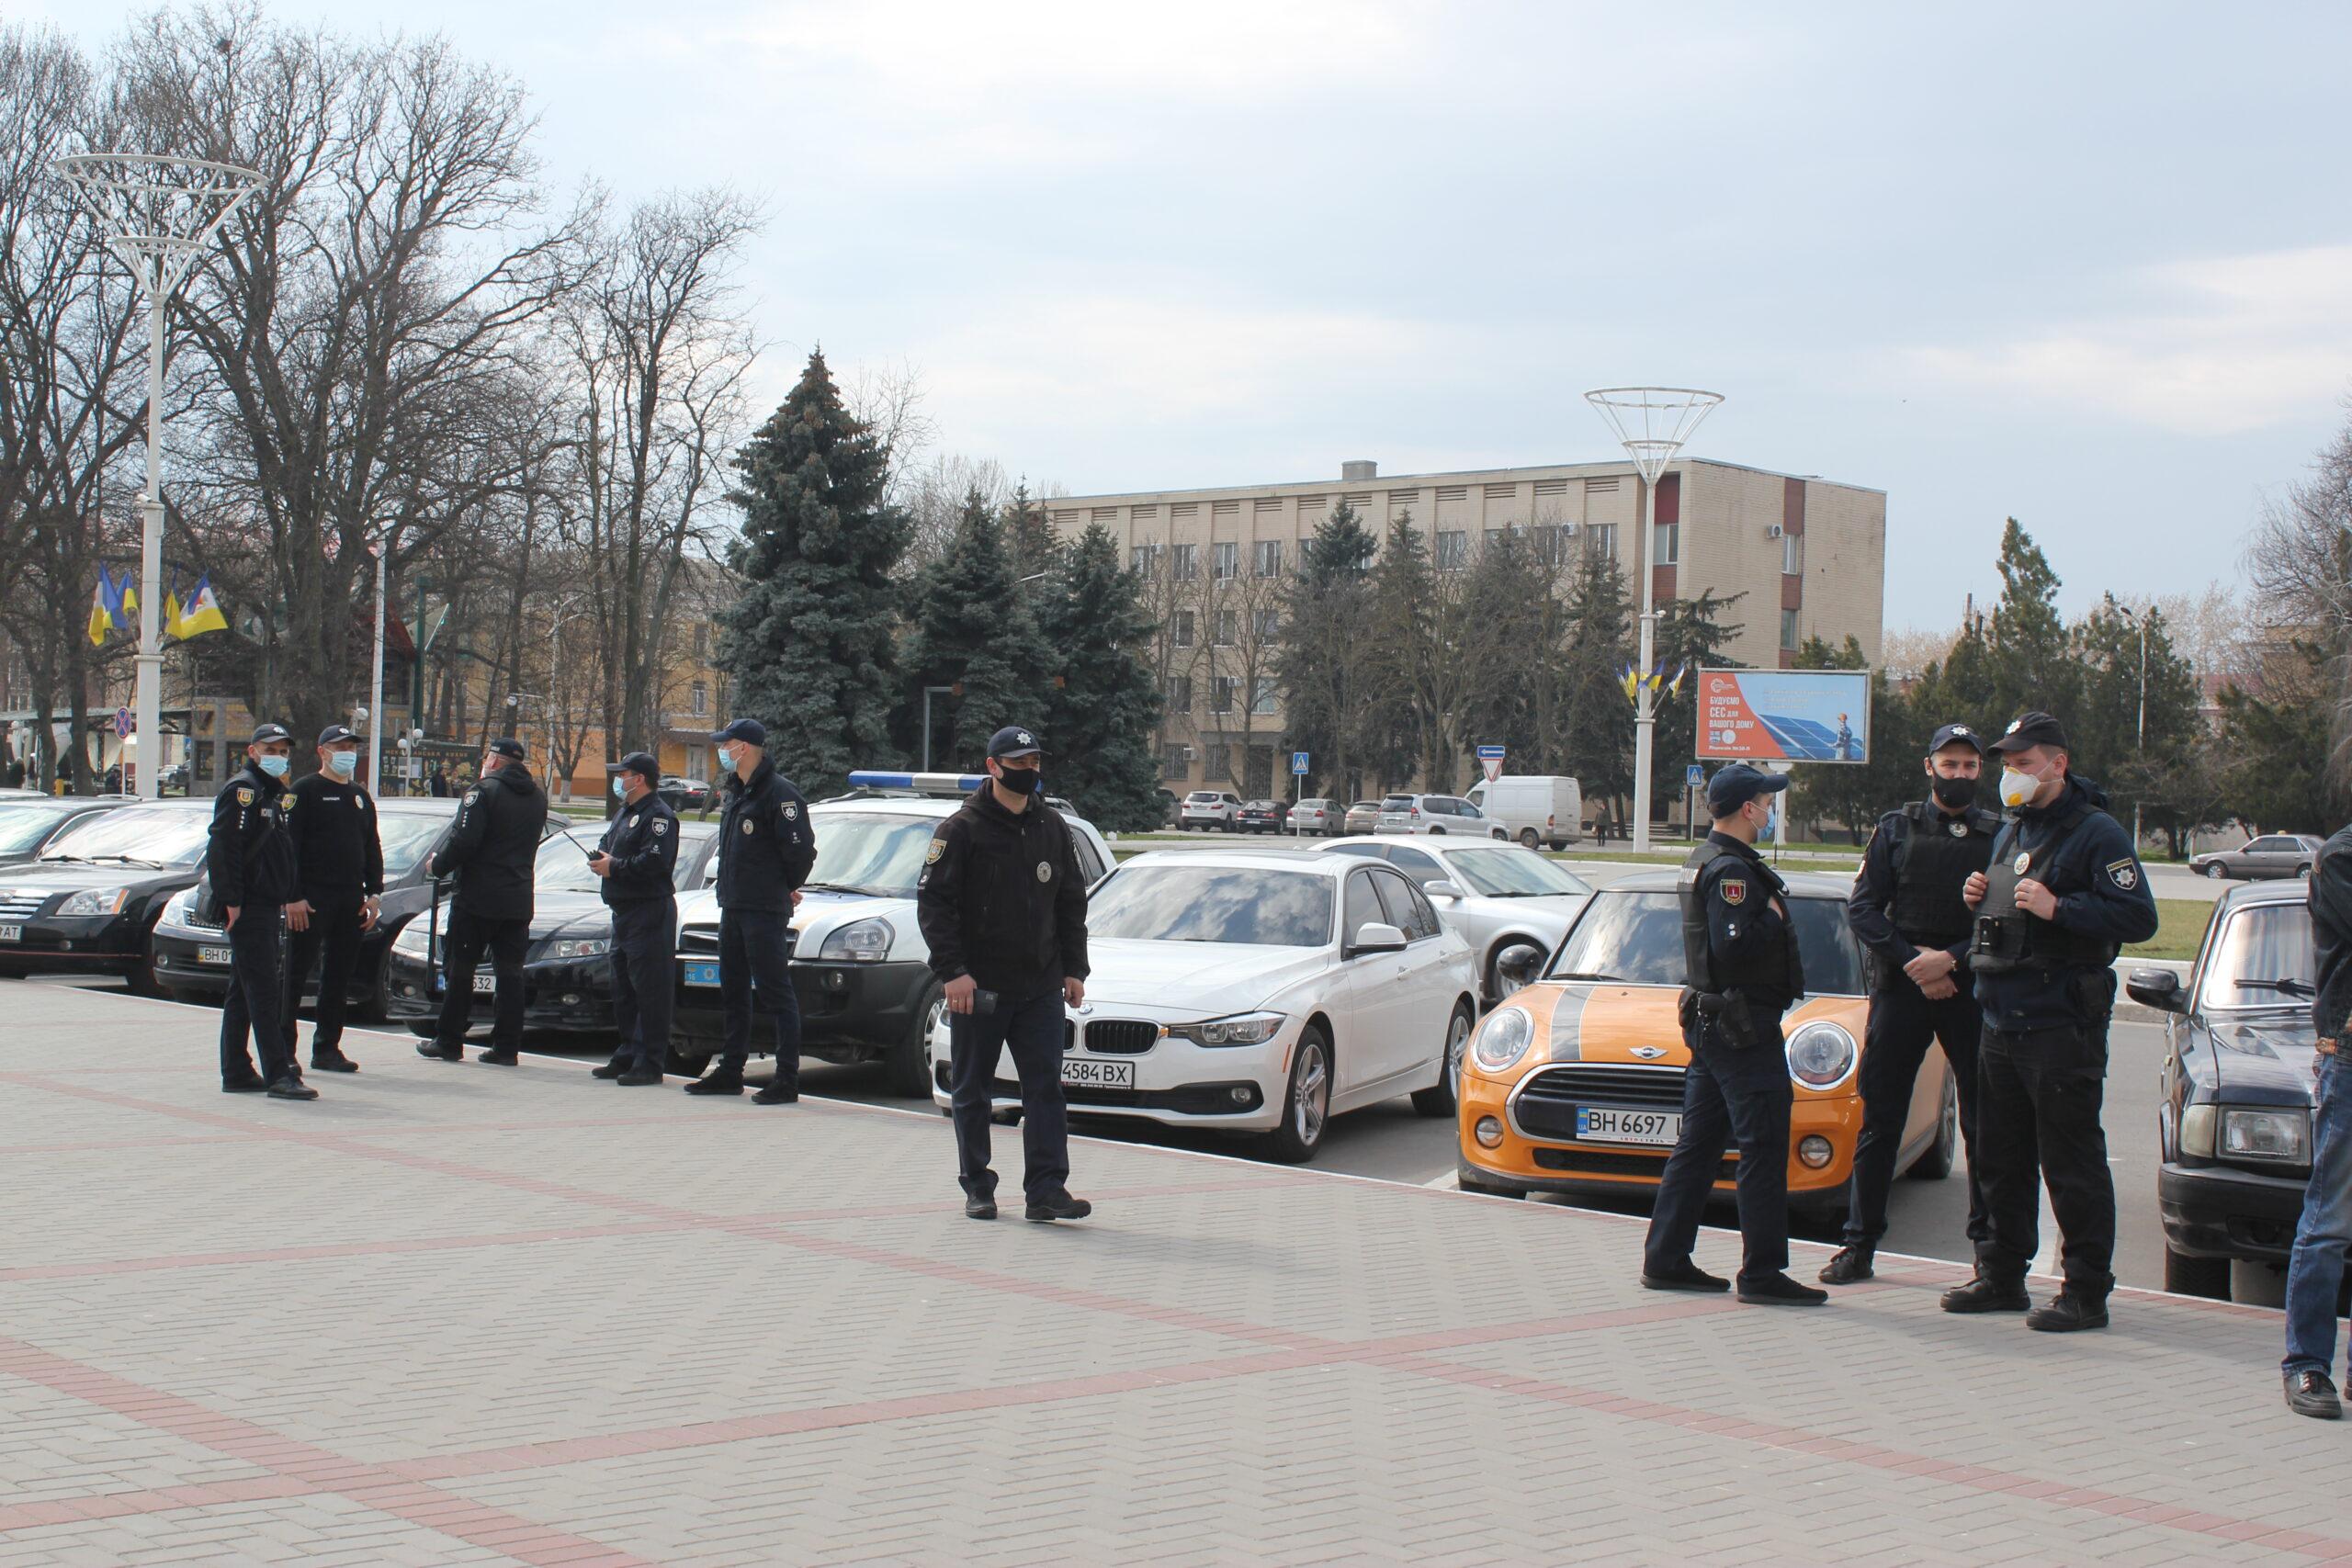 Общественники Измаила провели под стенами горсовета акцию с требованием наказать по закону виновных в смерти бездомного и побороть наркоторговлю